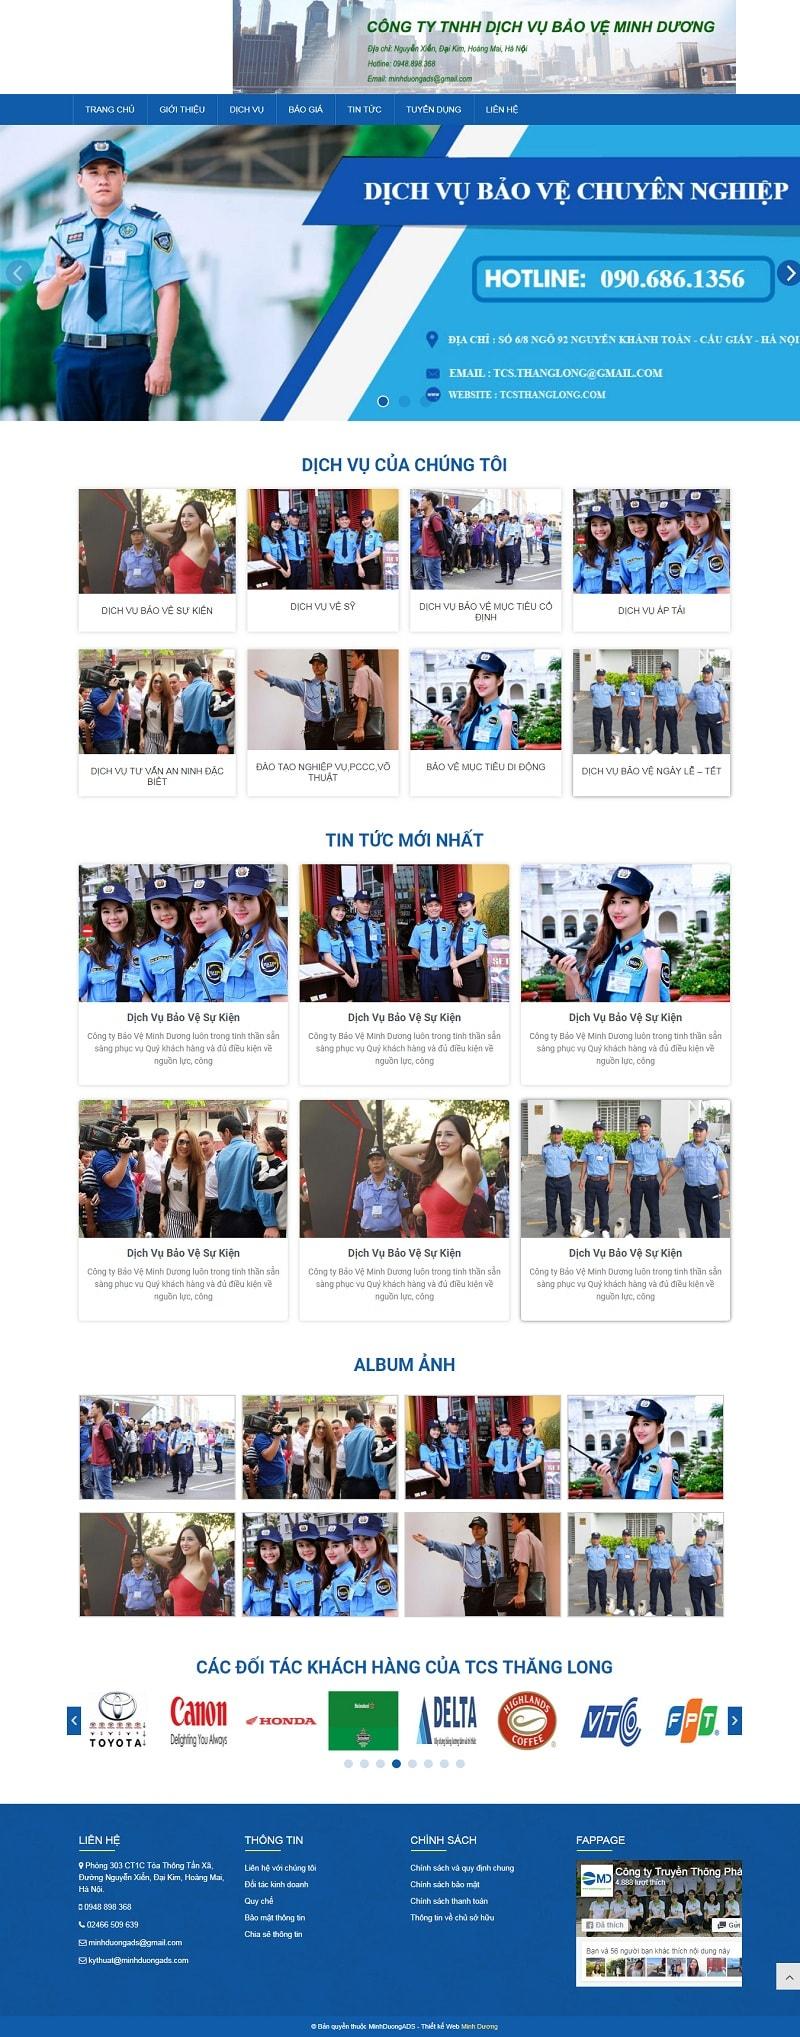 Thiết kế website dịch vụ bảo vệ giá rẻ | Minh Dương ADS